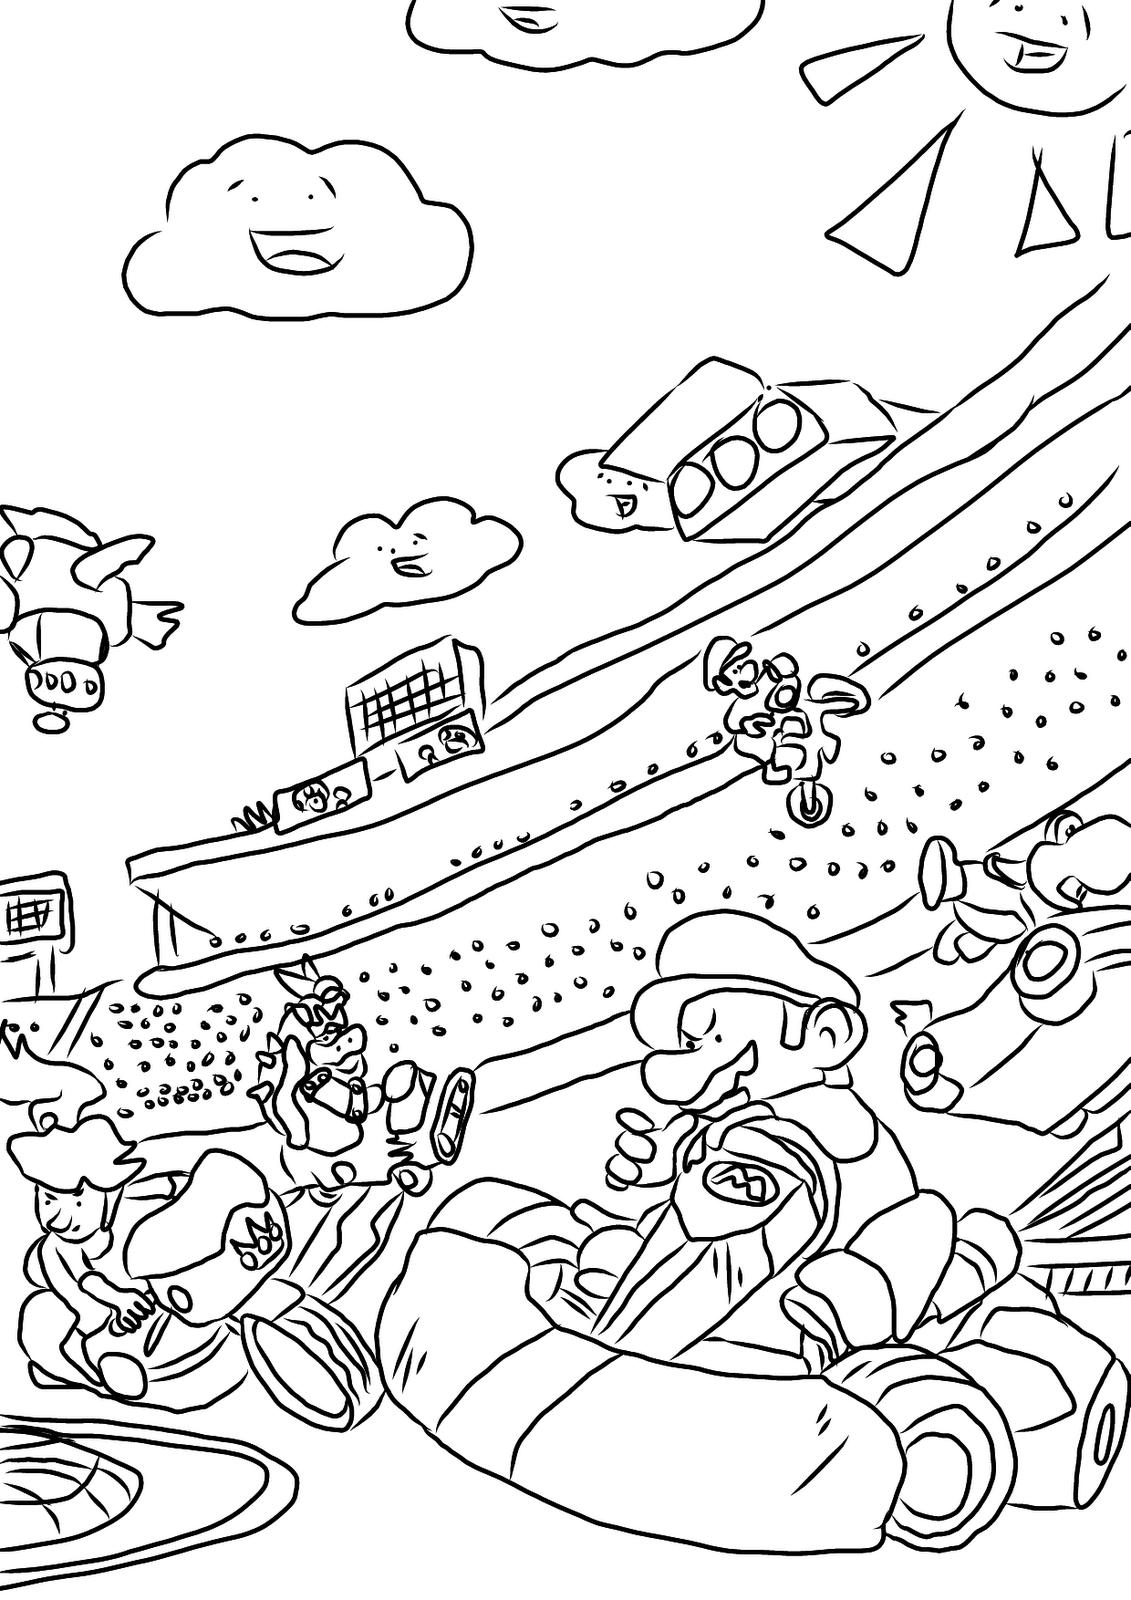 Coloriage Mario Kart 8 Deluxe : coloriage, mario, deluxe, Mario, Drawing, GetDrawings, Download